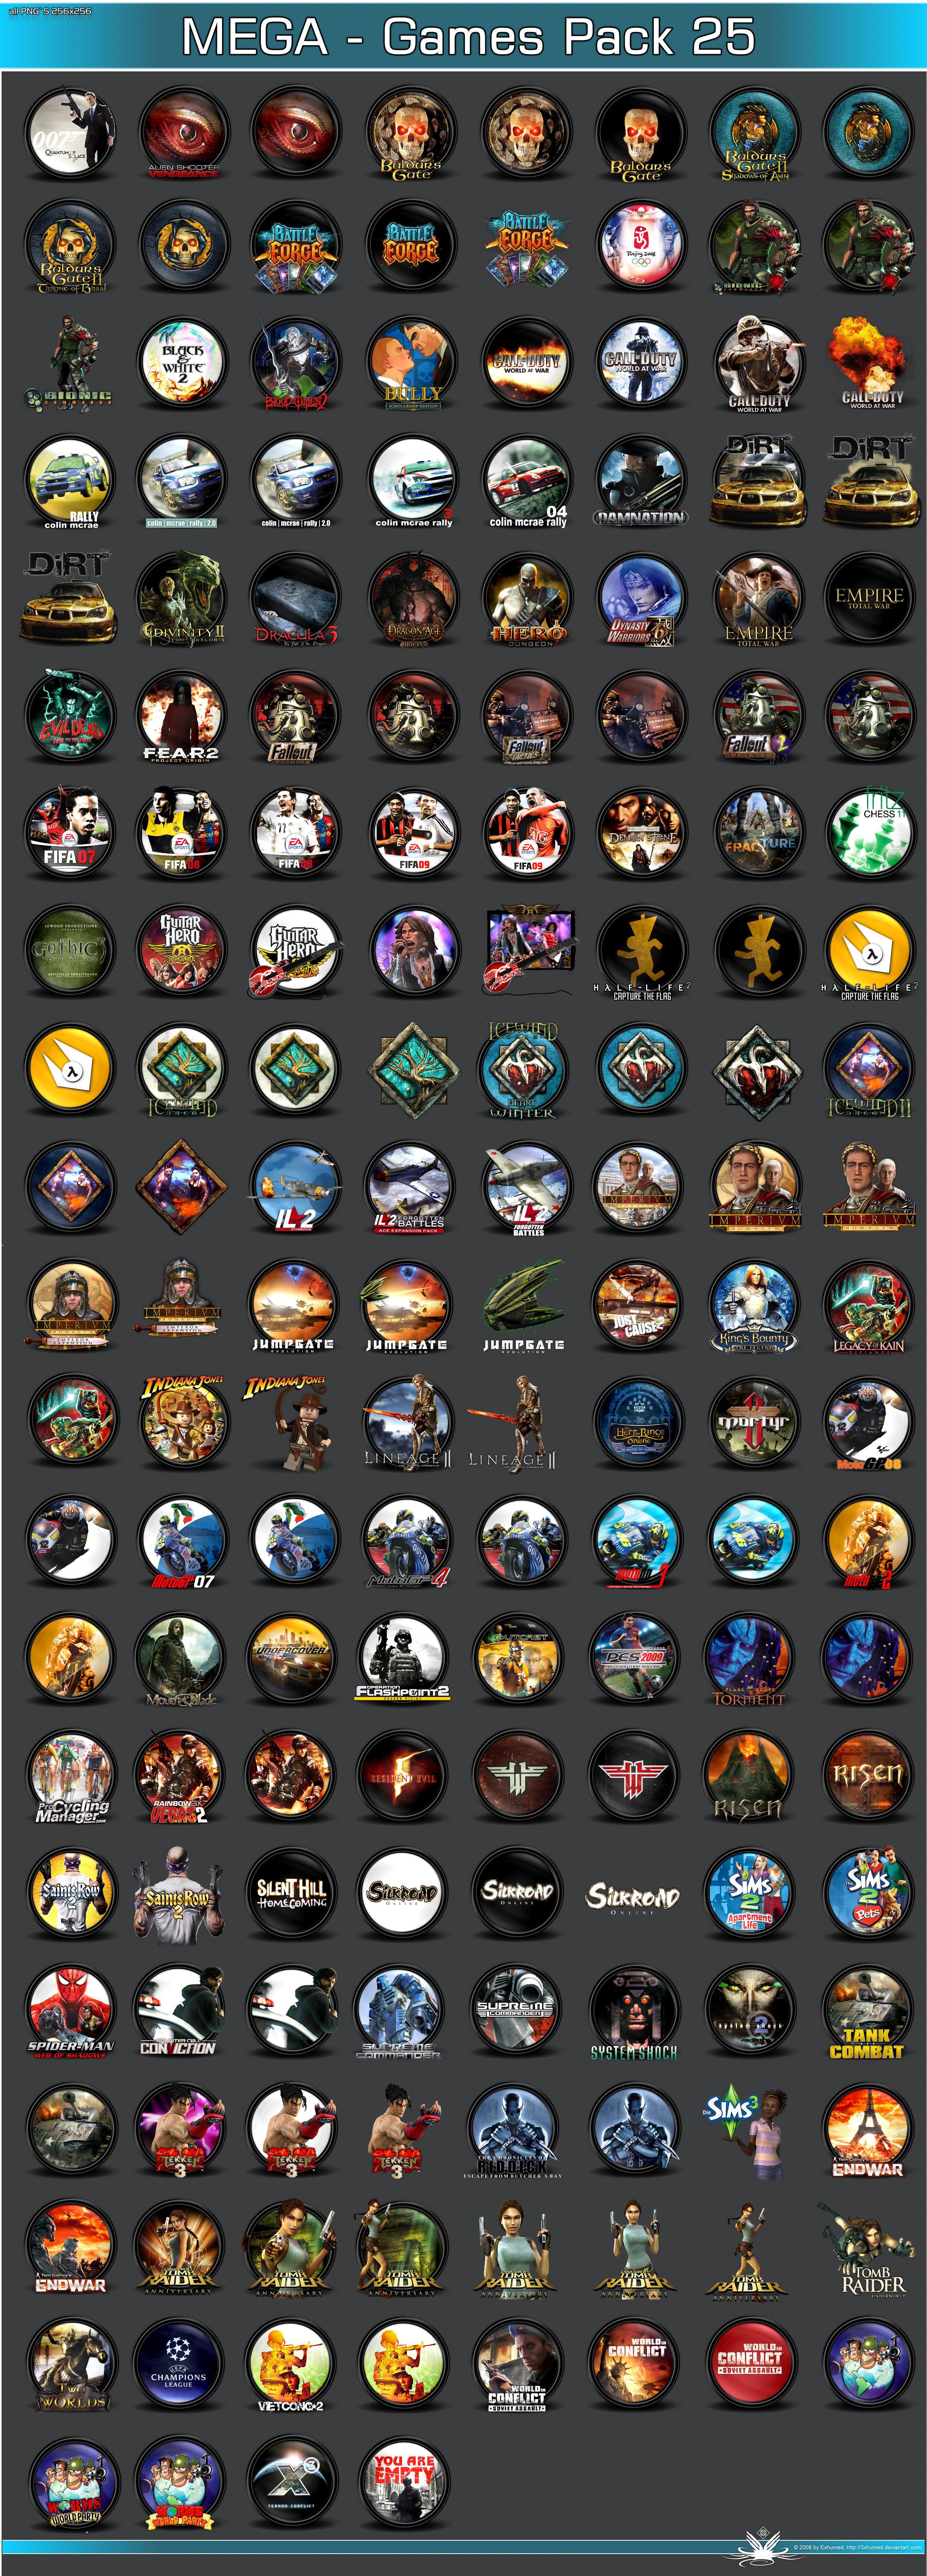 MEGA GamesPack 25 by 3xhumed